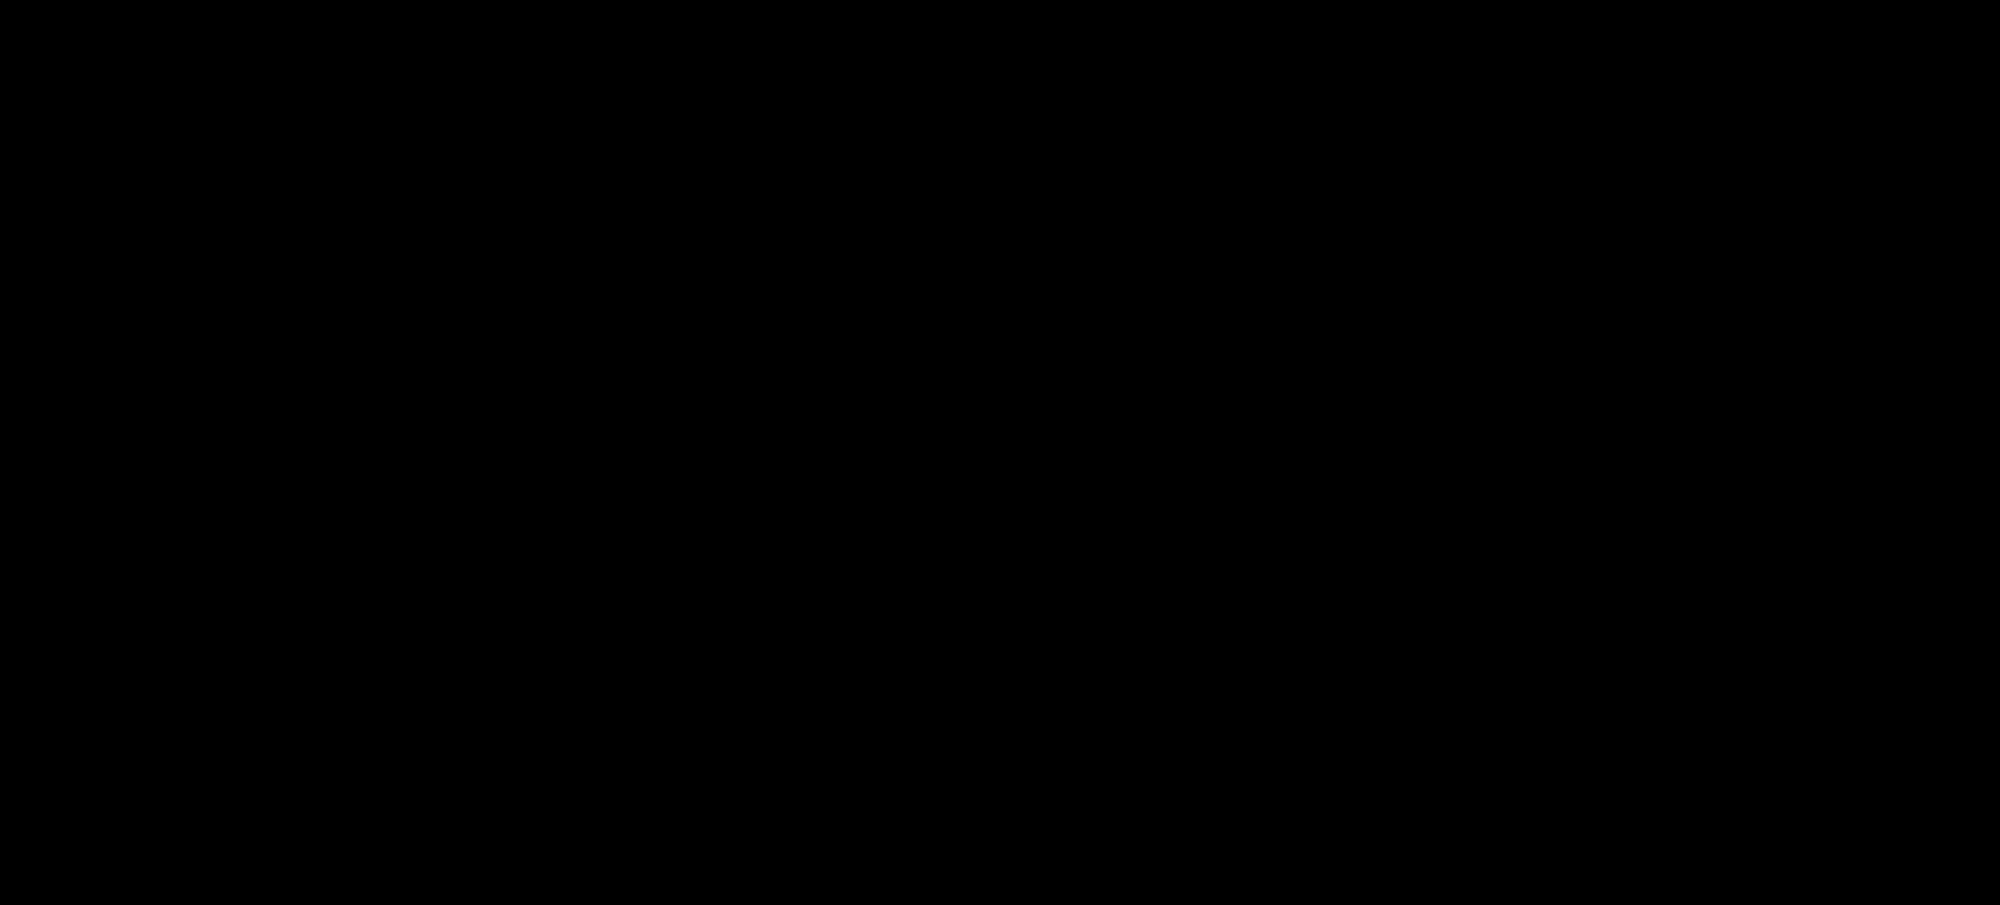 GLOBAL DELIVERY-logo-black.png